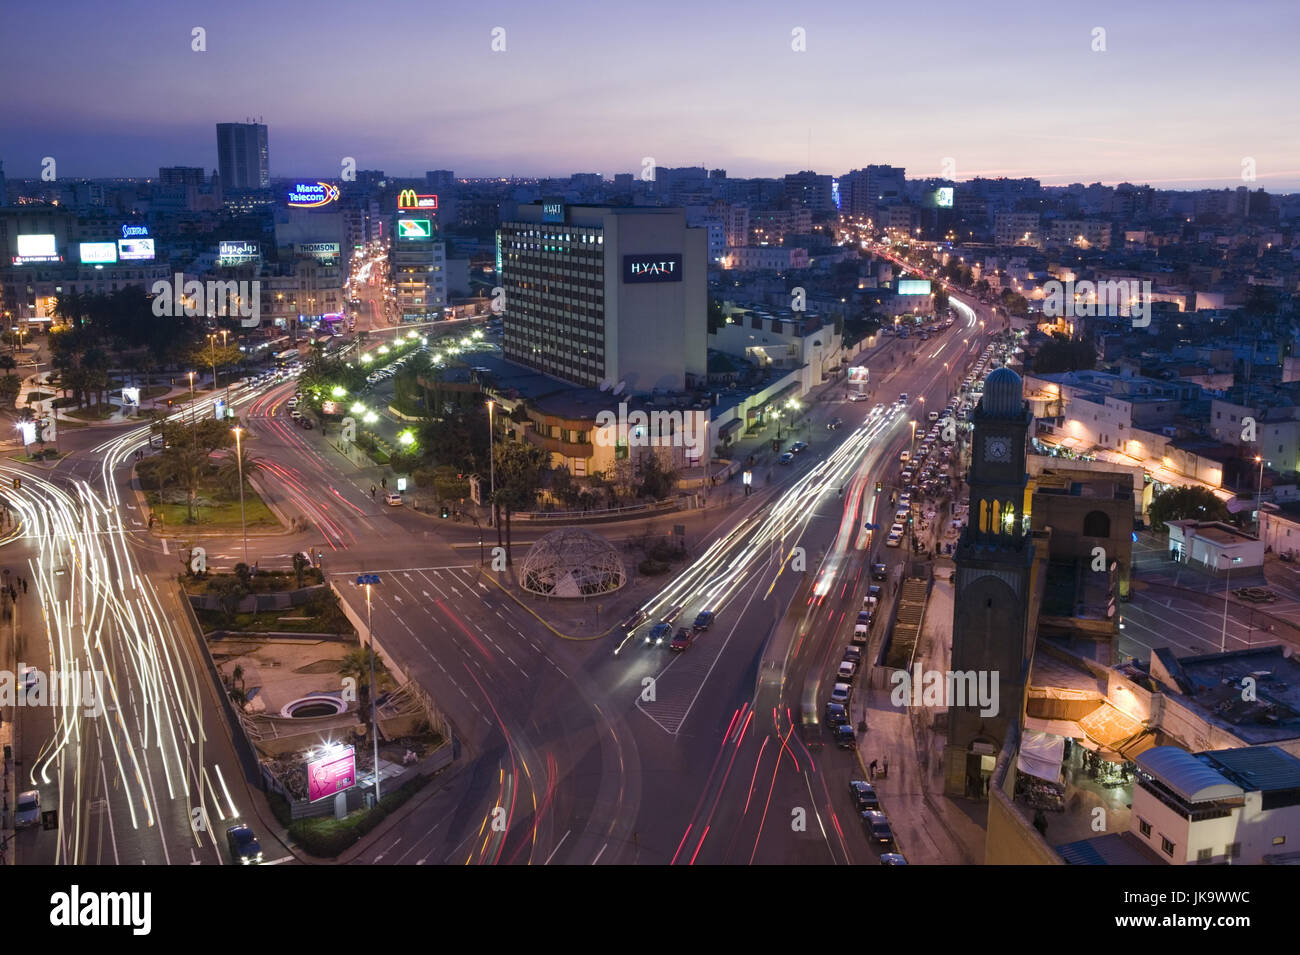 Marokko, Casablanca, Platz der Vereinten  Nationen, Straßen, Verkehr, Lichtspuren,  Abend,  Stadt, Zentrum, - Stock Image